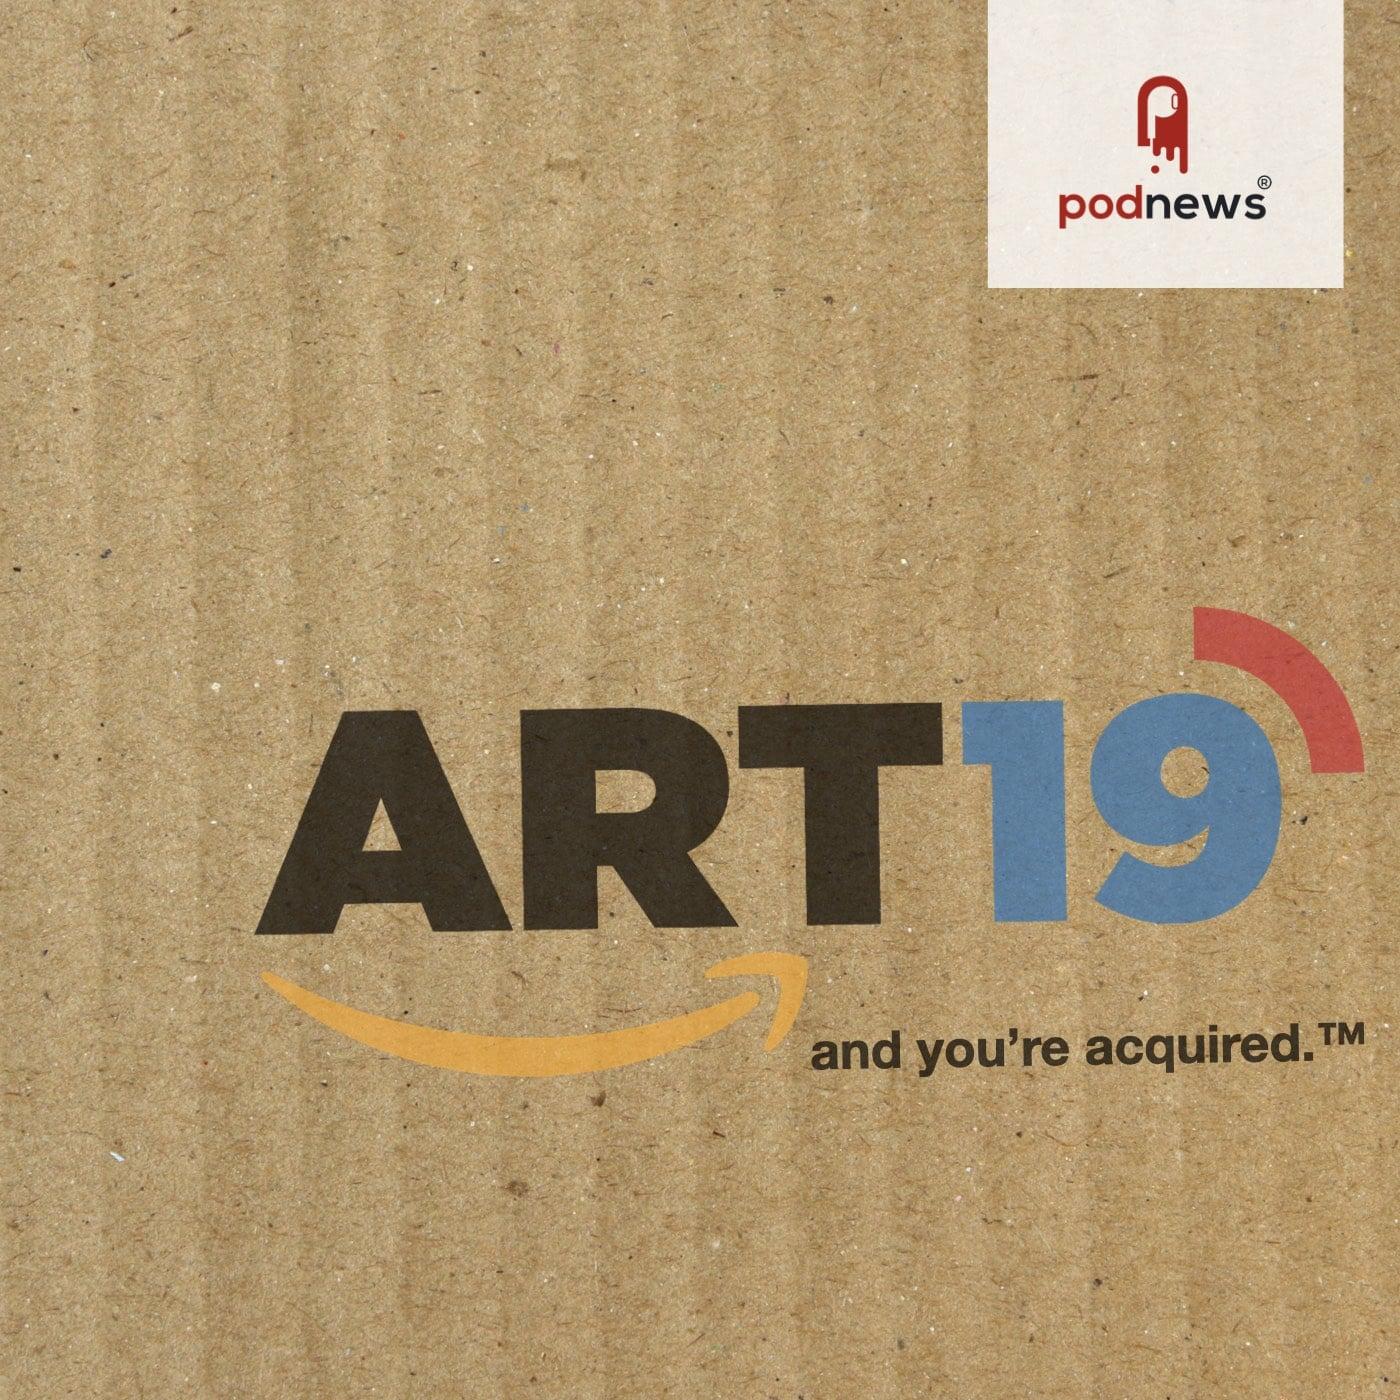 Prime day: Amazon buys ART19